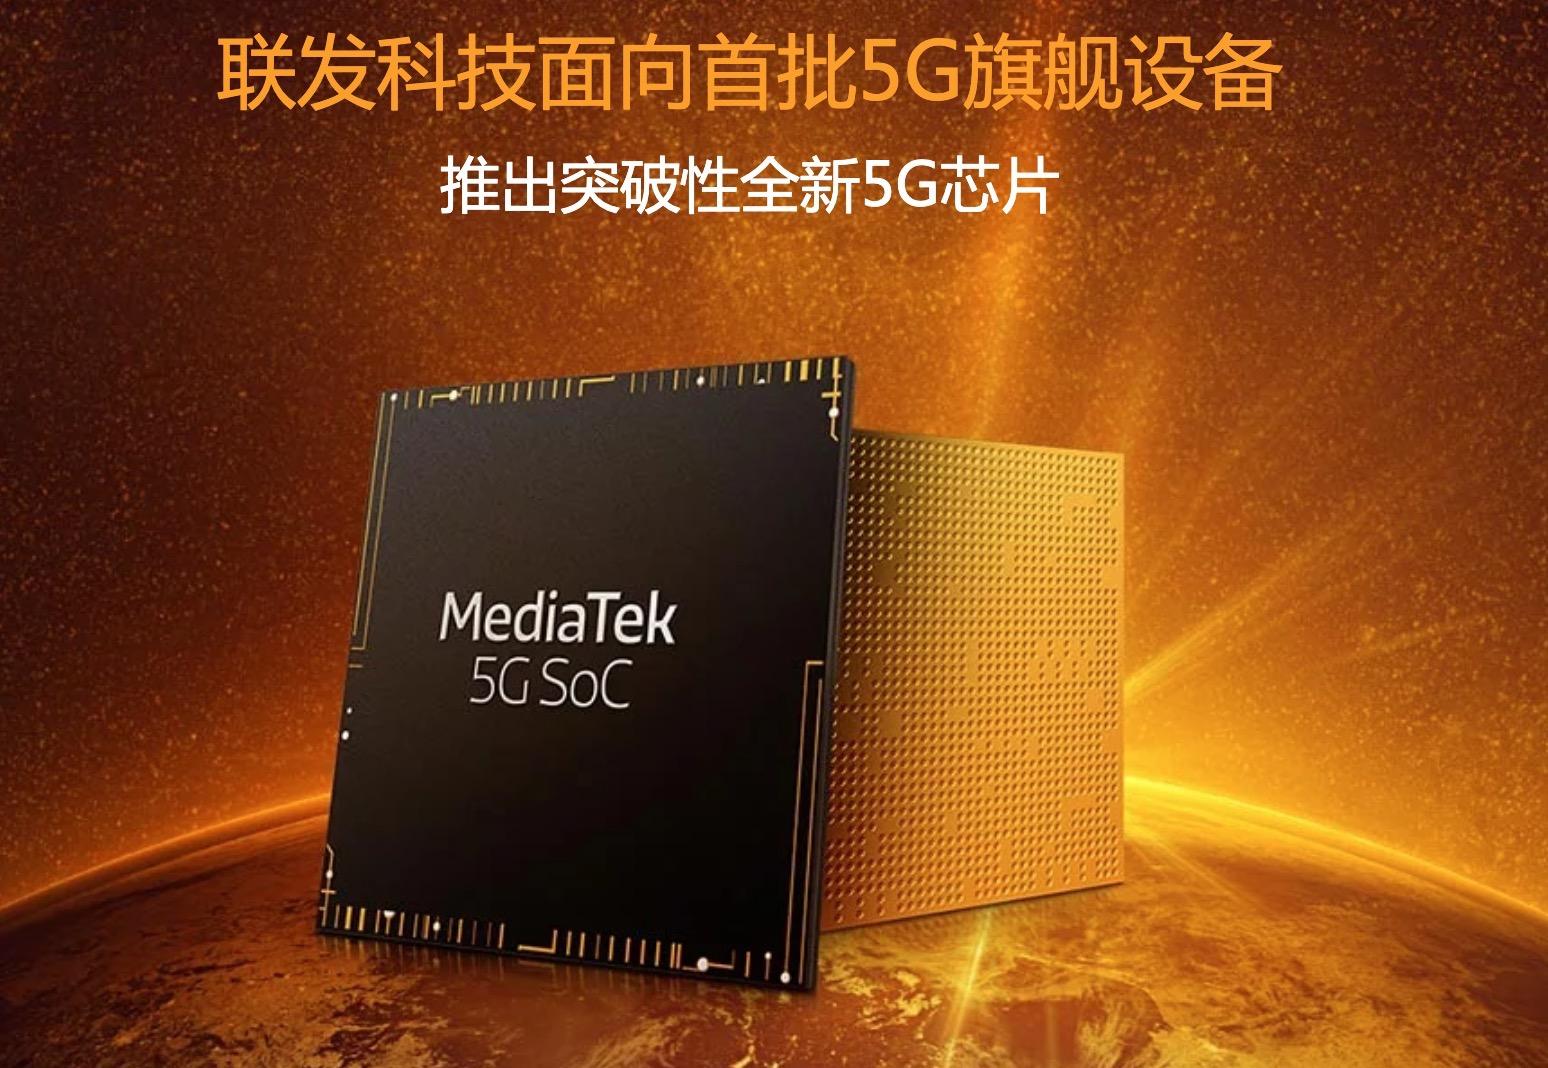 联发科全新处理器登场:5G成核心亮点,采用ARM最新架构